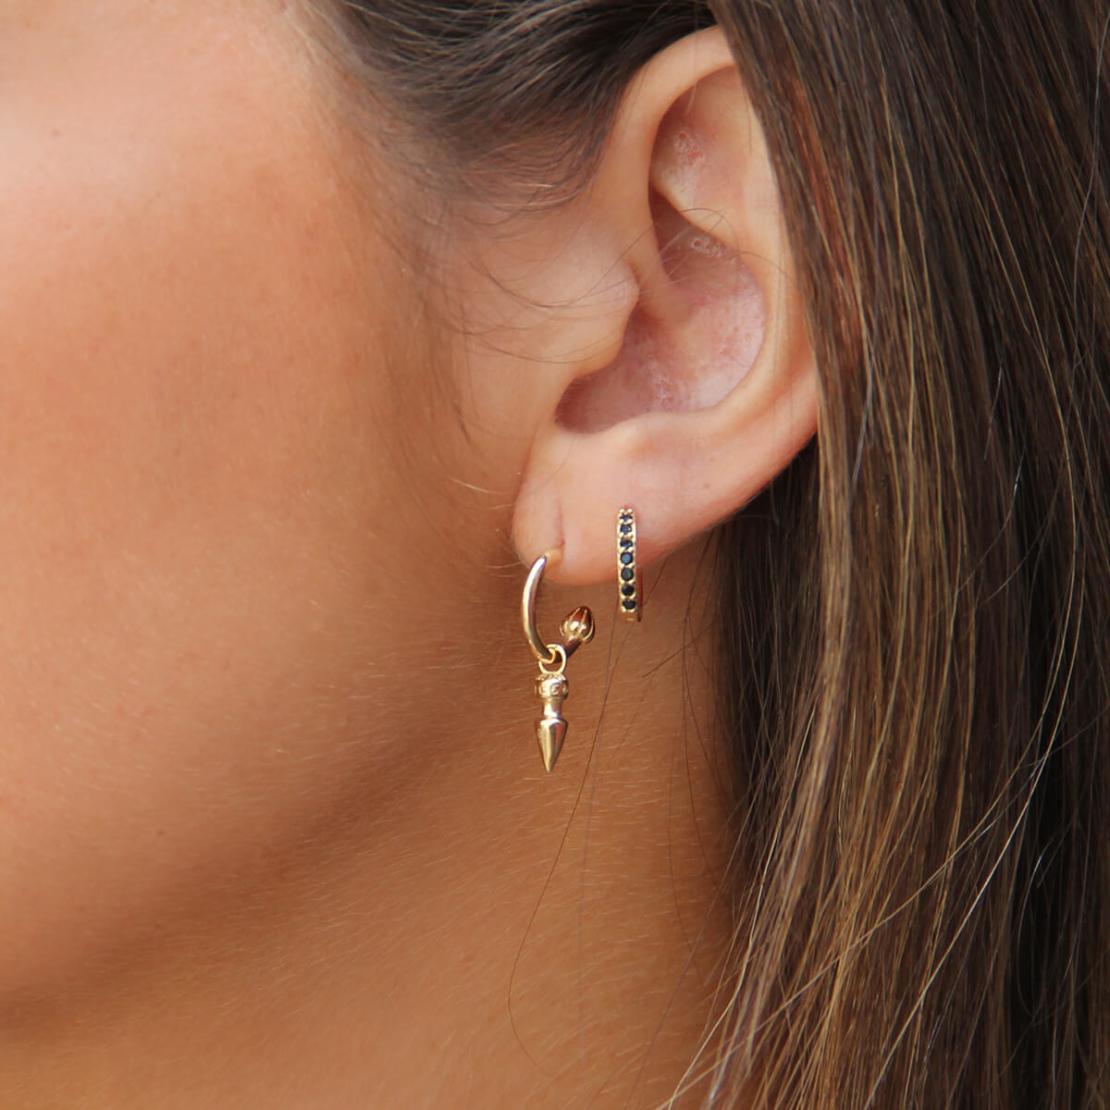 סט עגילים - GOLDEN RING - כסף 925 בציפוי זהב מיקרוני